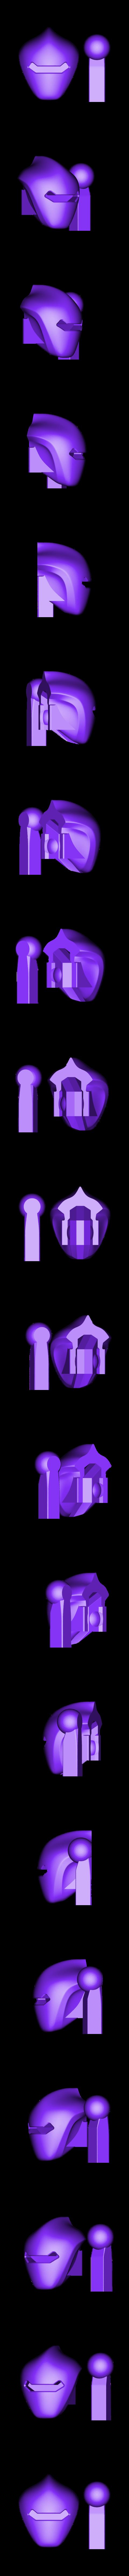 head.stl Télécharger fichier STL gratuit Sommet2 • Design à imprimer en 3D, Yazhmog